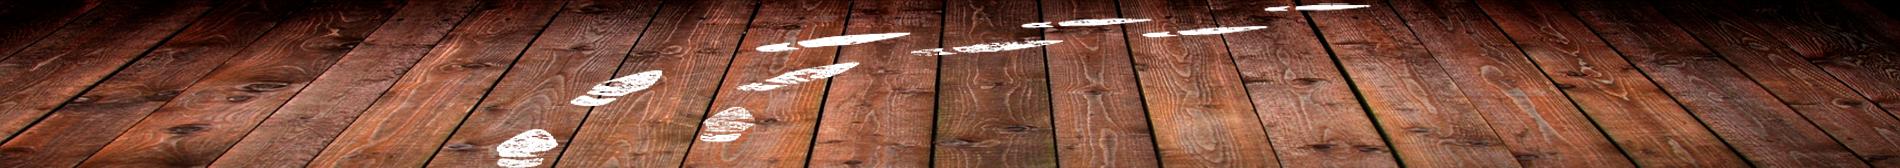 Footprints-Webseiten-Wix-Fussboden-mit-F